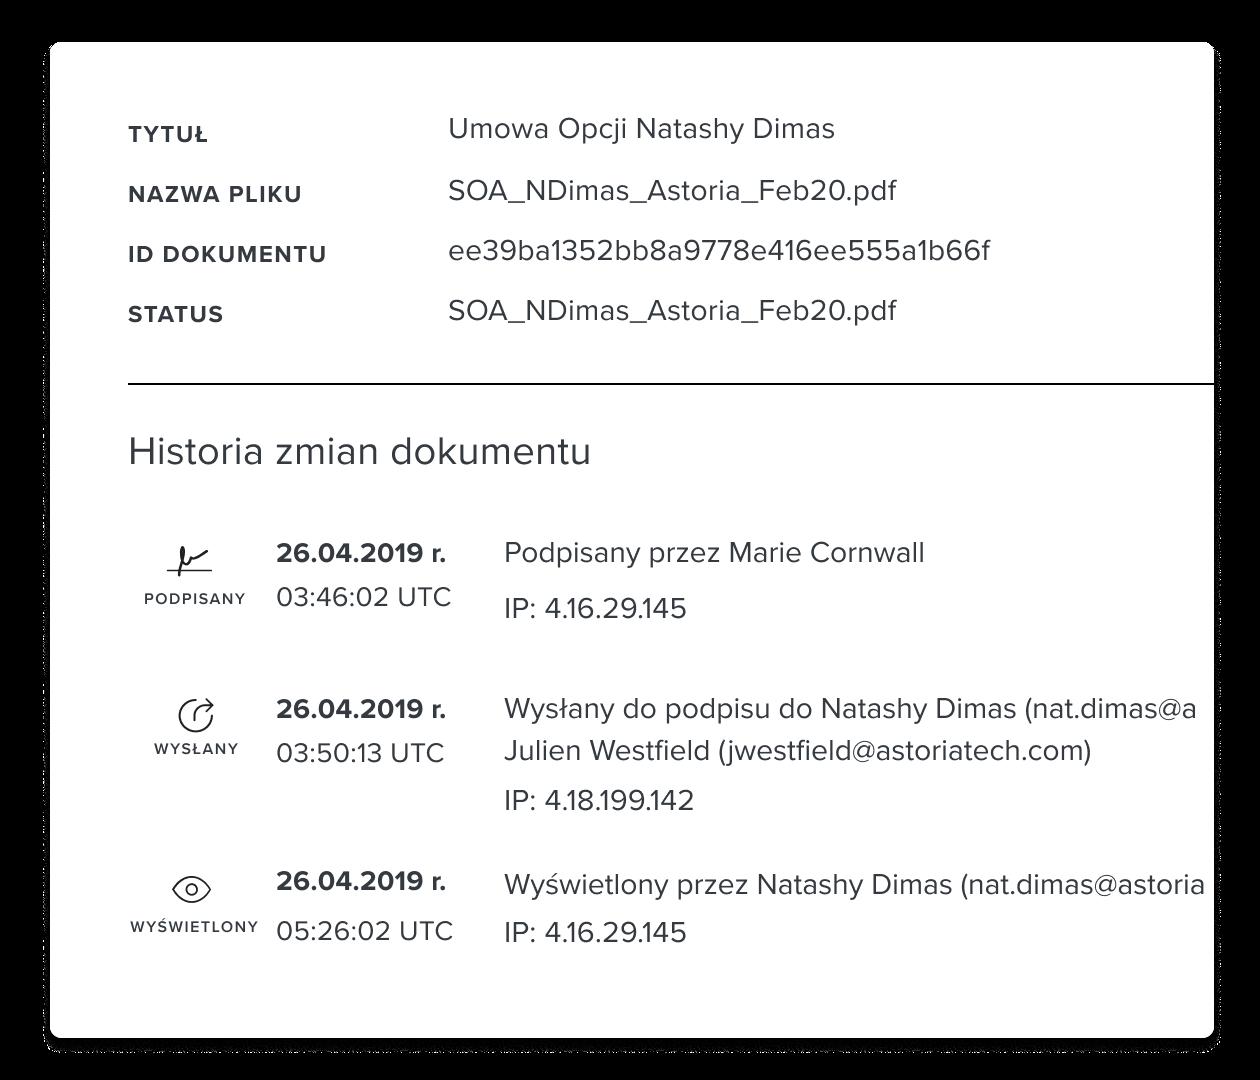 Zrzut ekranu przedstawiający sekcję historii dokumentu w HelloSign